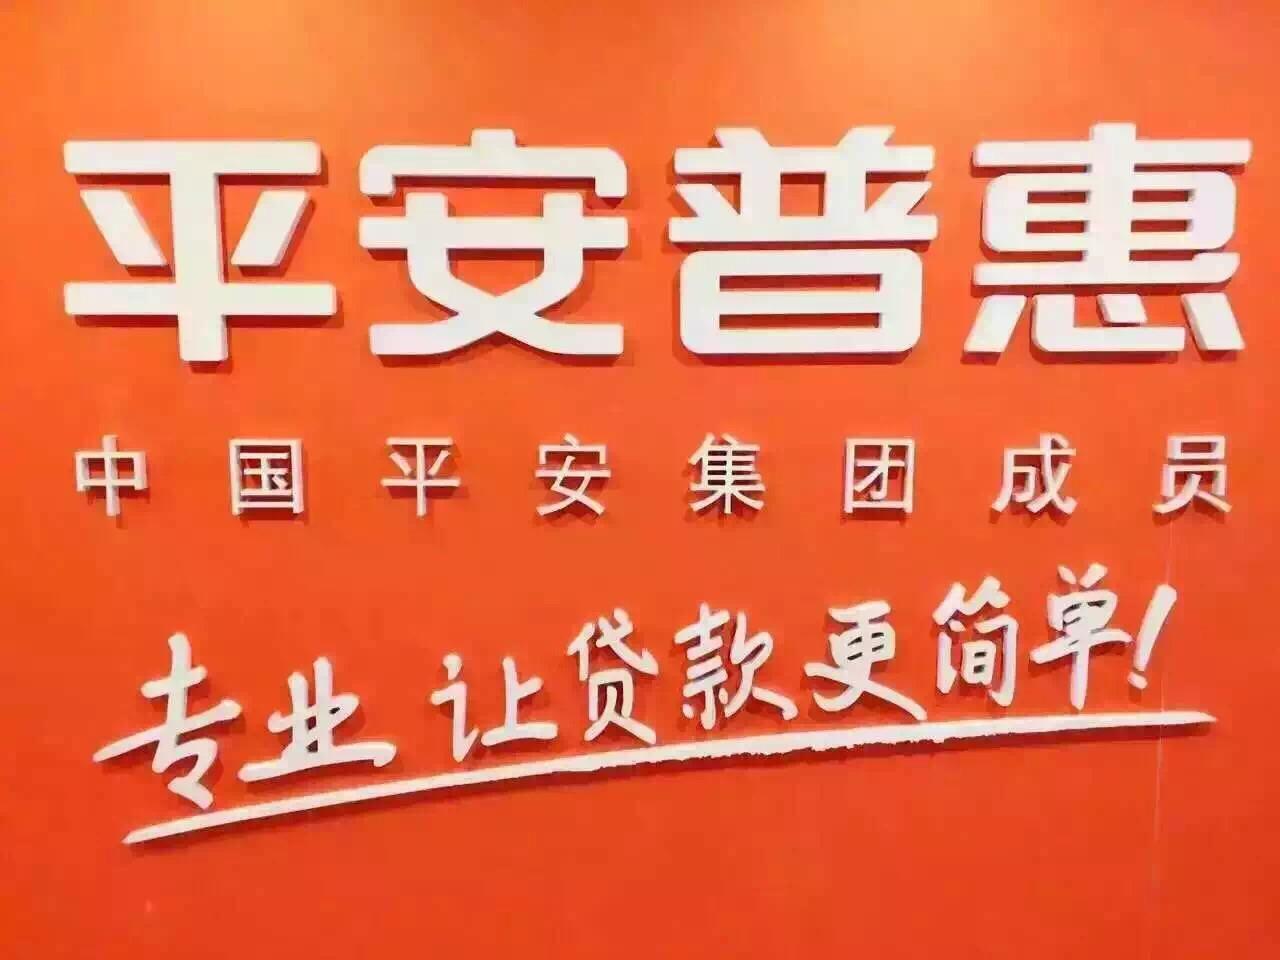 平安普惠版本大全是52z小编收集的中国平安旗下平安普惠软件下载的合集,以创新的科技和卓越的客户体验,为广大个人和各类小微型企业提供更专业的有抵押个贷、无抵押个贷以及SEM产品。目前,平安普惠是中国最大的消费金融品牌,并致力于成为全球领先的消费金融品牌。平安普惠,专业让贷款更简单。